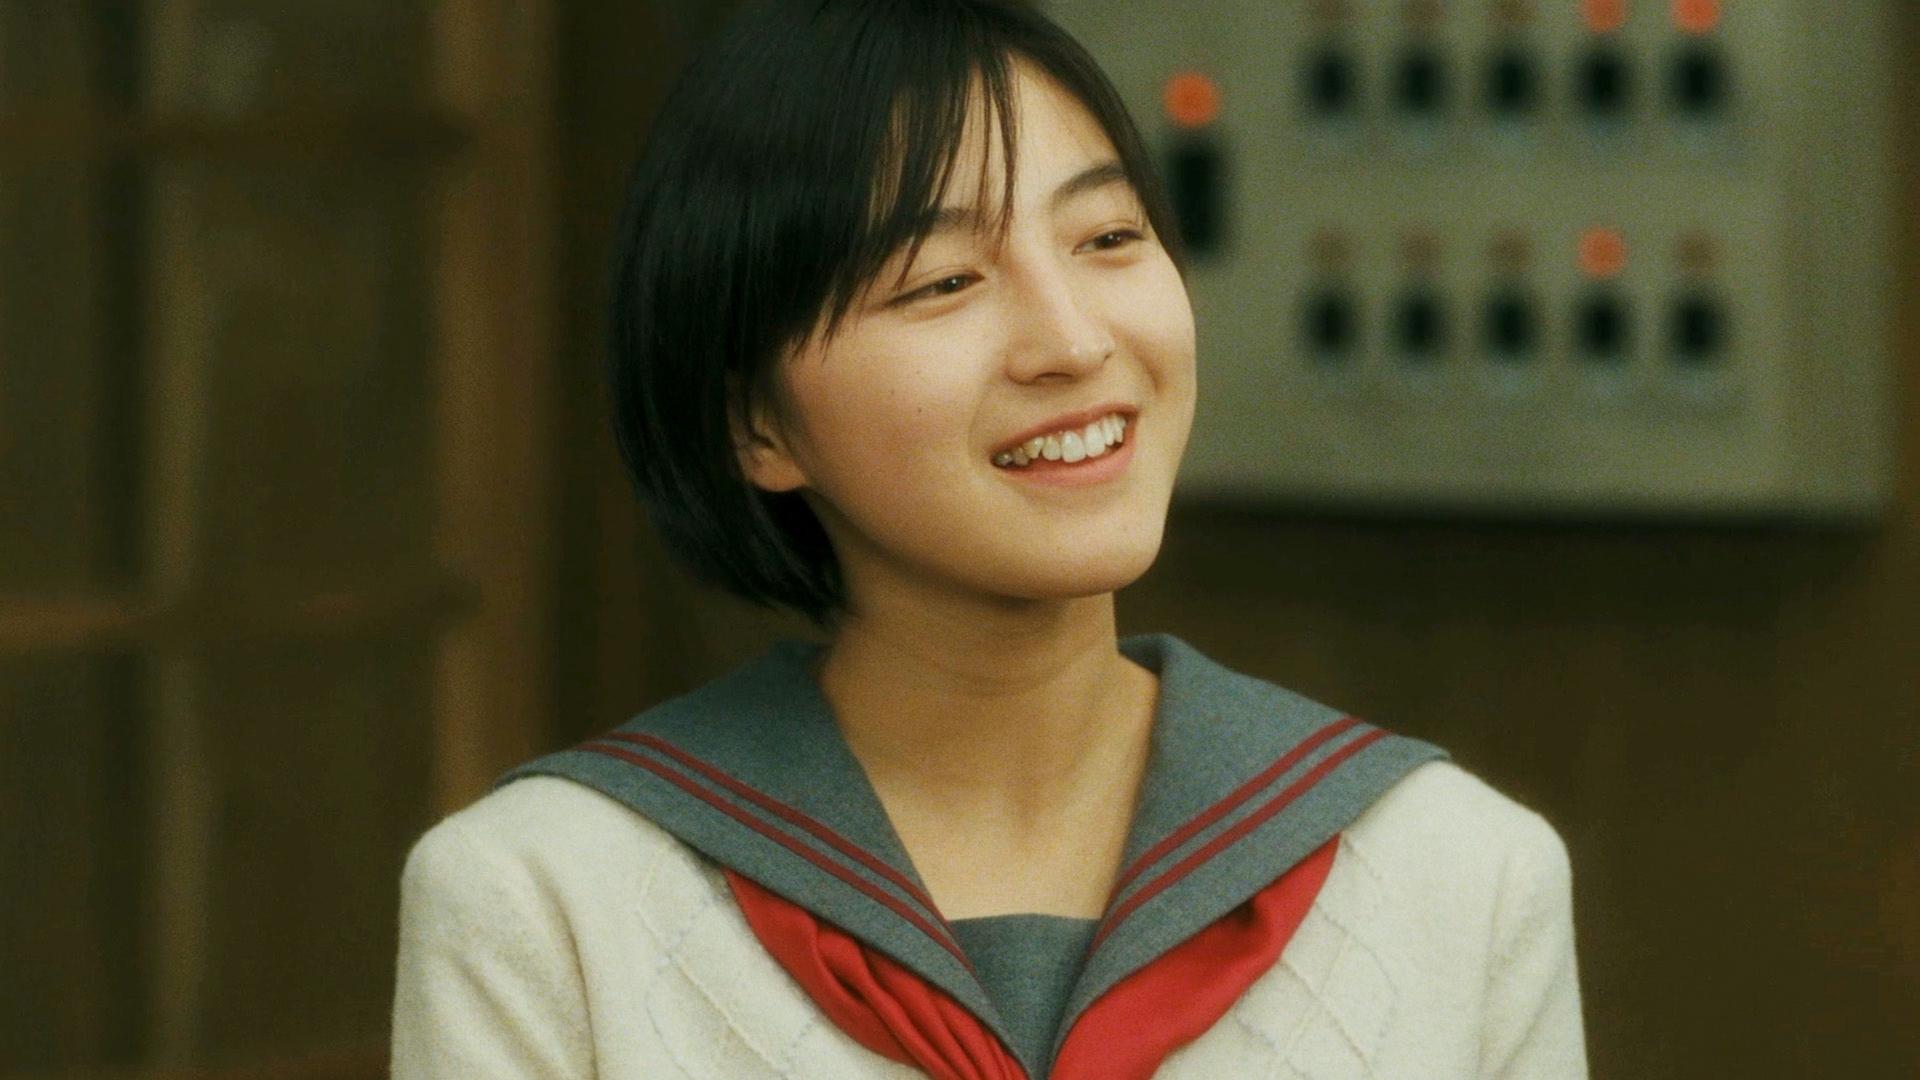 日本拍这种电影简直绝了,女主太美了,不愧是日本女星颜值天花板